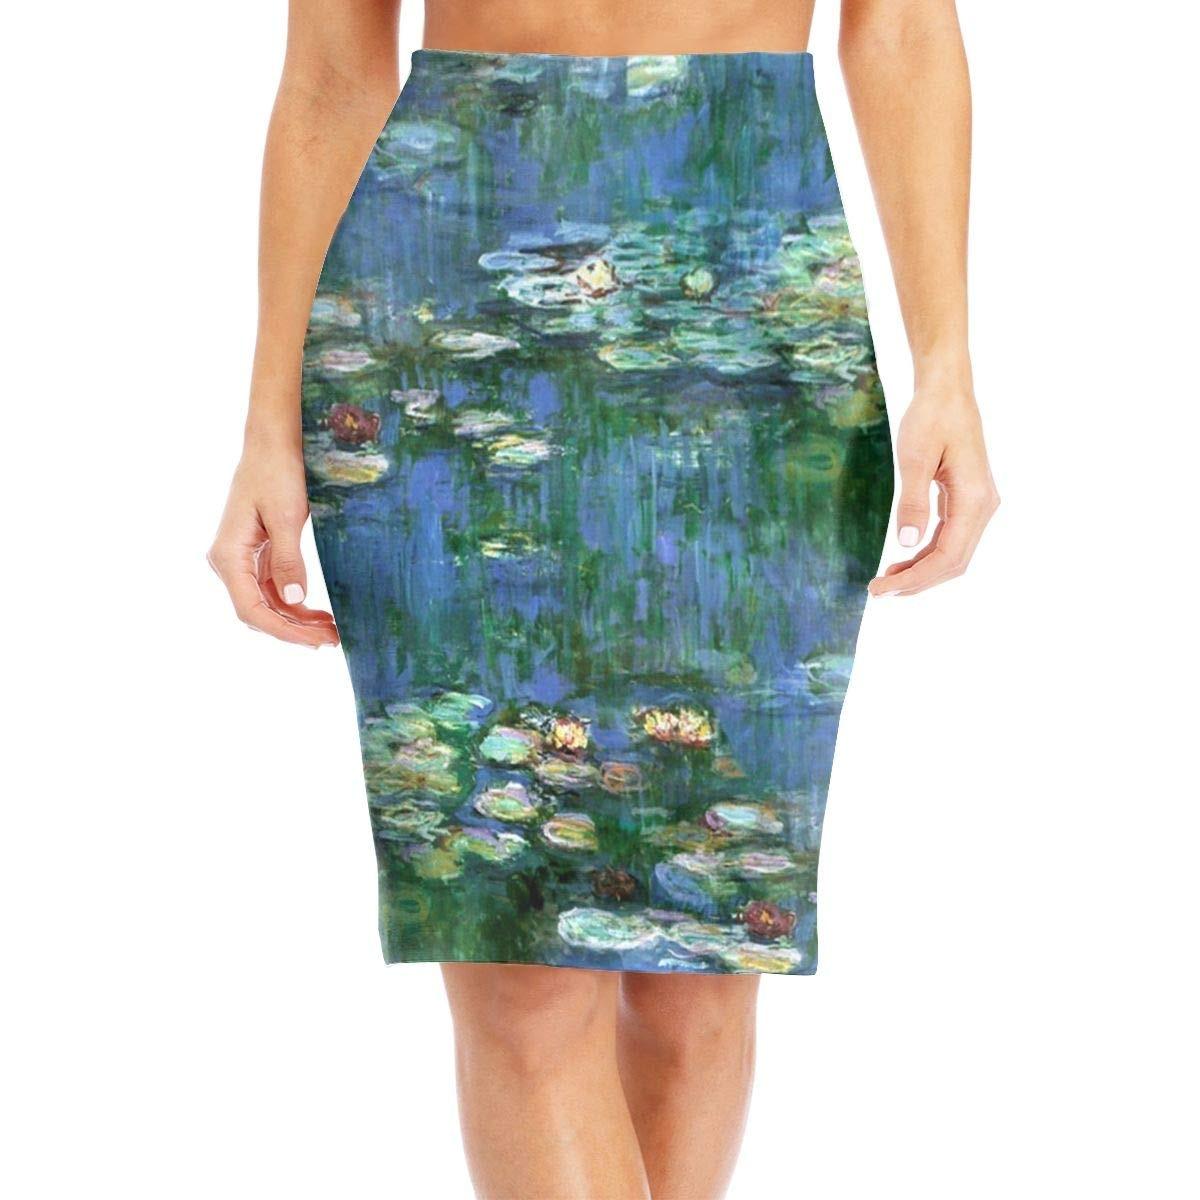 السيدات أربعة مواسم كلود مونيه المياه لوتس المرأة عالية الخصر نحيل منتصف طول فستان كاجوال S-XL